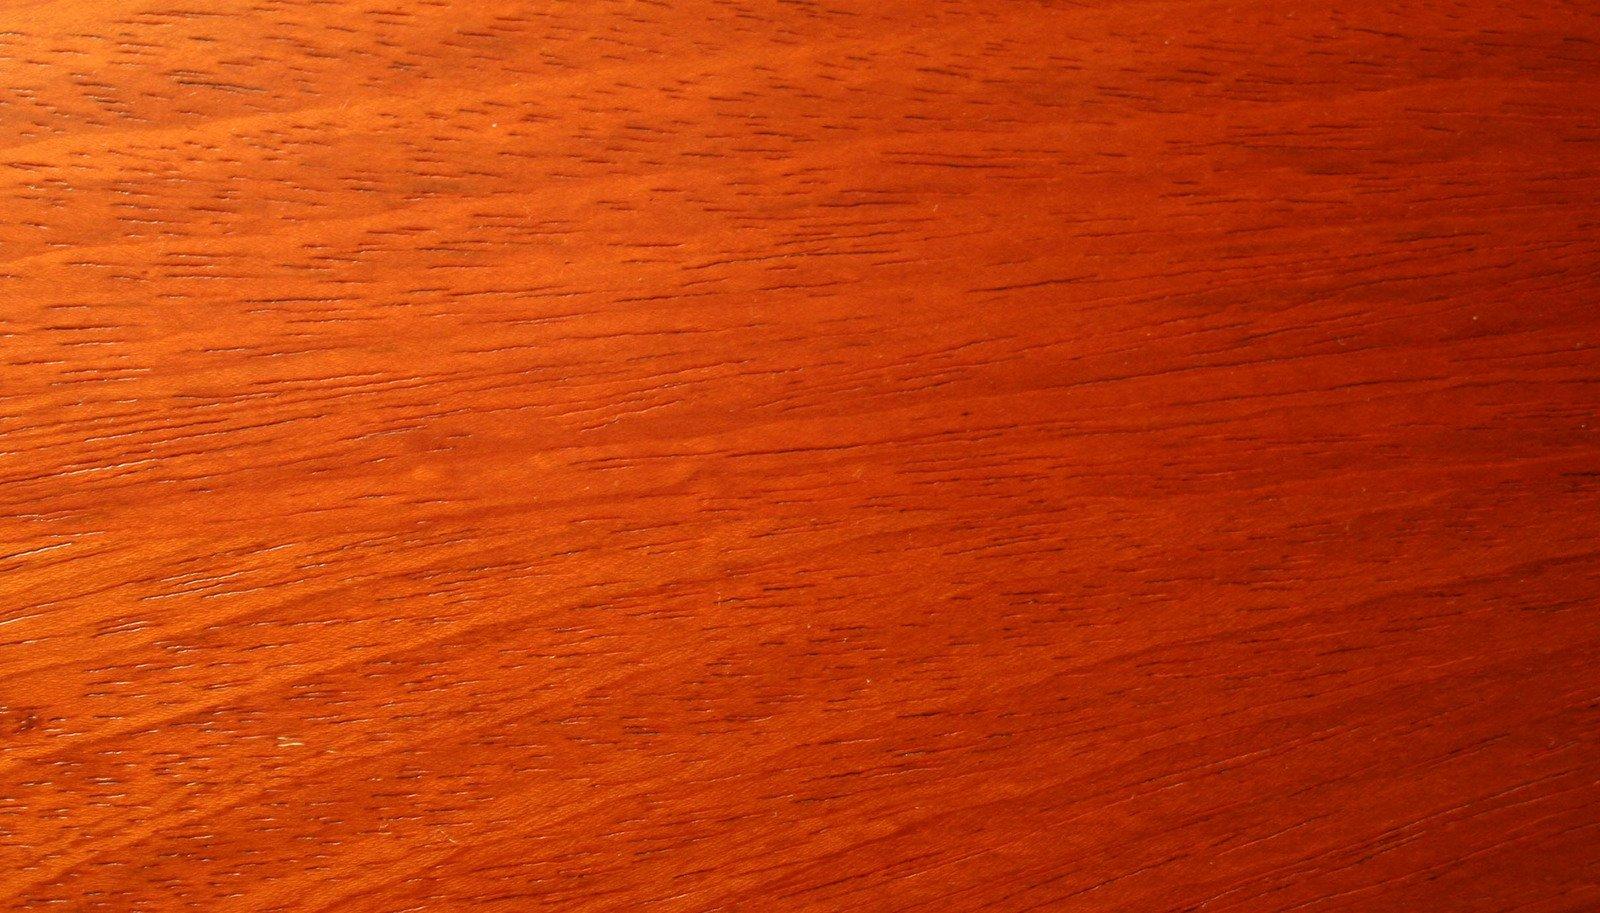 Free legno di ciliegio Stock Photo - FreeImages.com